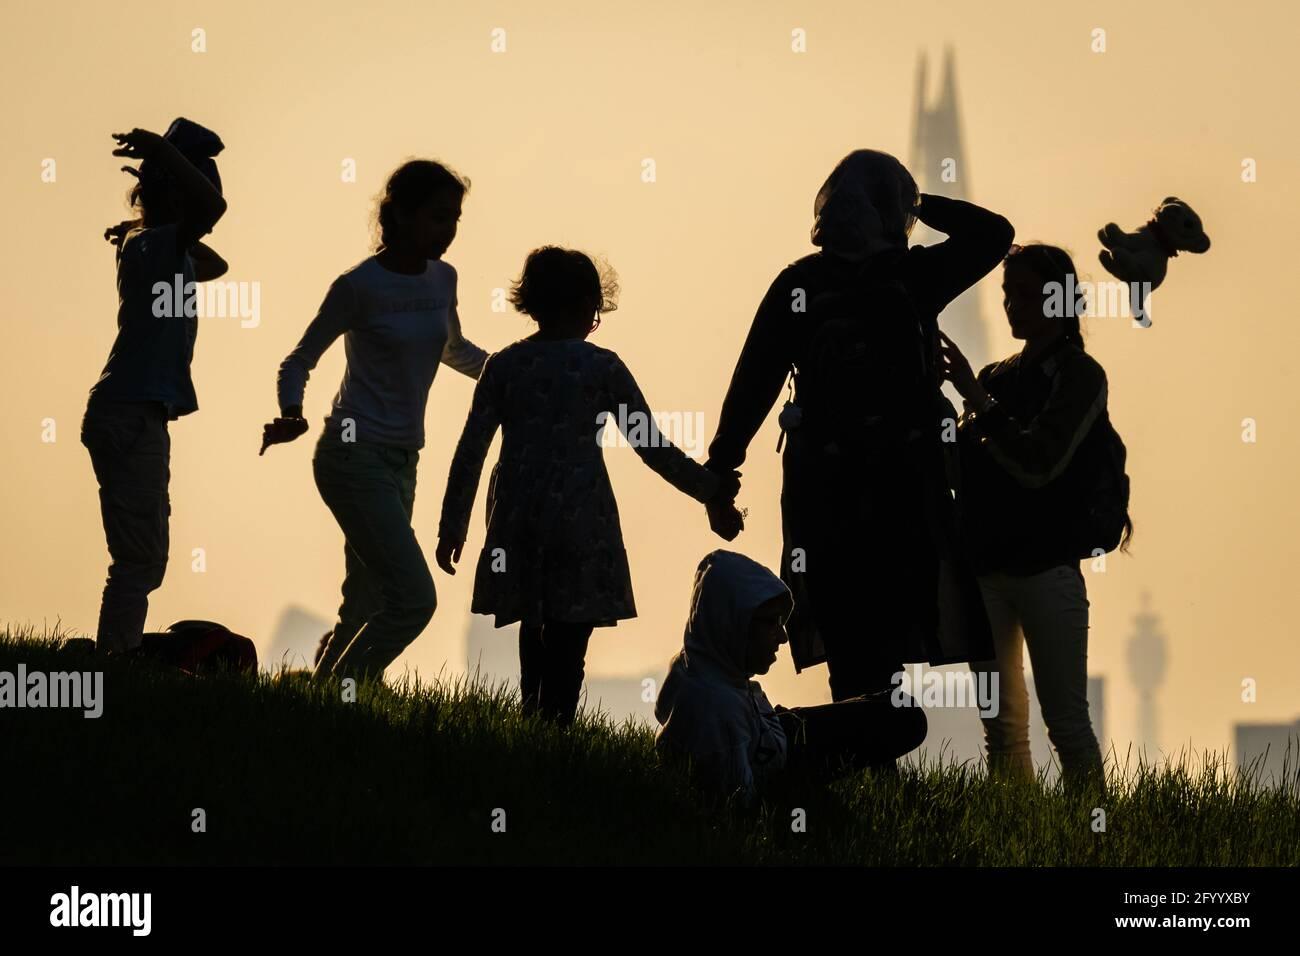 Londres, Royaume-Uni. 30 mai 2021. Météo au Royaume-Uni : coucher de soleil spectaculaire depuis le sommet de Greenwich Park alors que la vague de chaleur du week-end des fêtes commence avec des températures attendues jusqu'à 25 °C. Credit: Guy Corbishley/Alamy Live News Banque D'Images